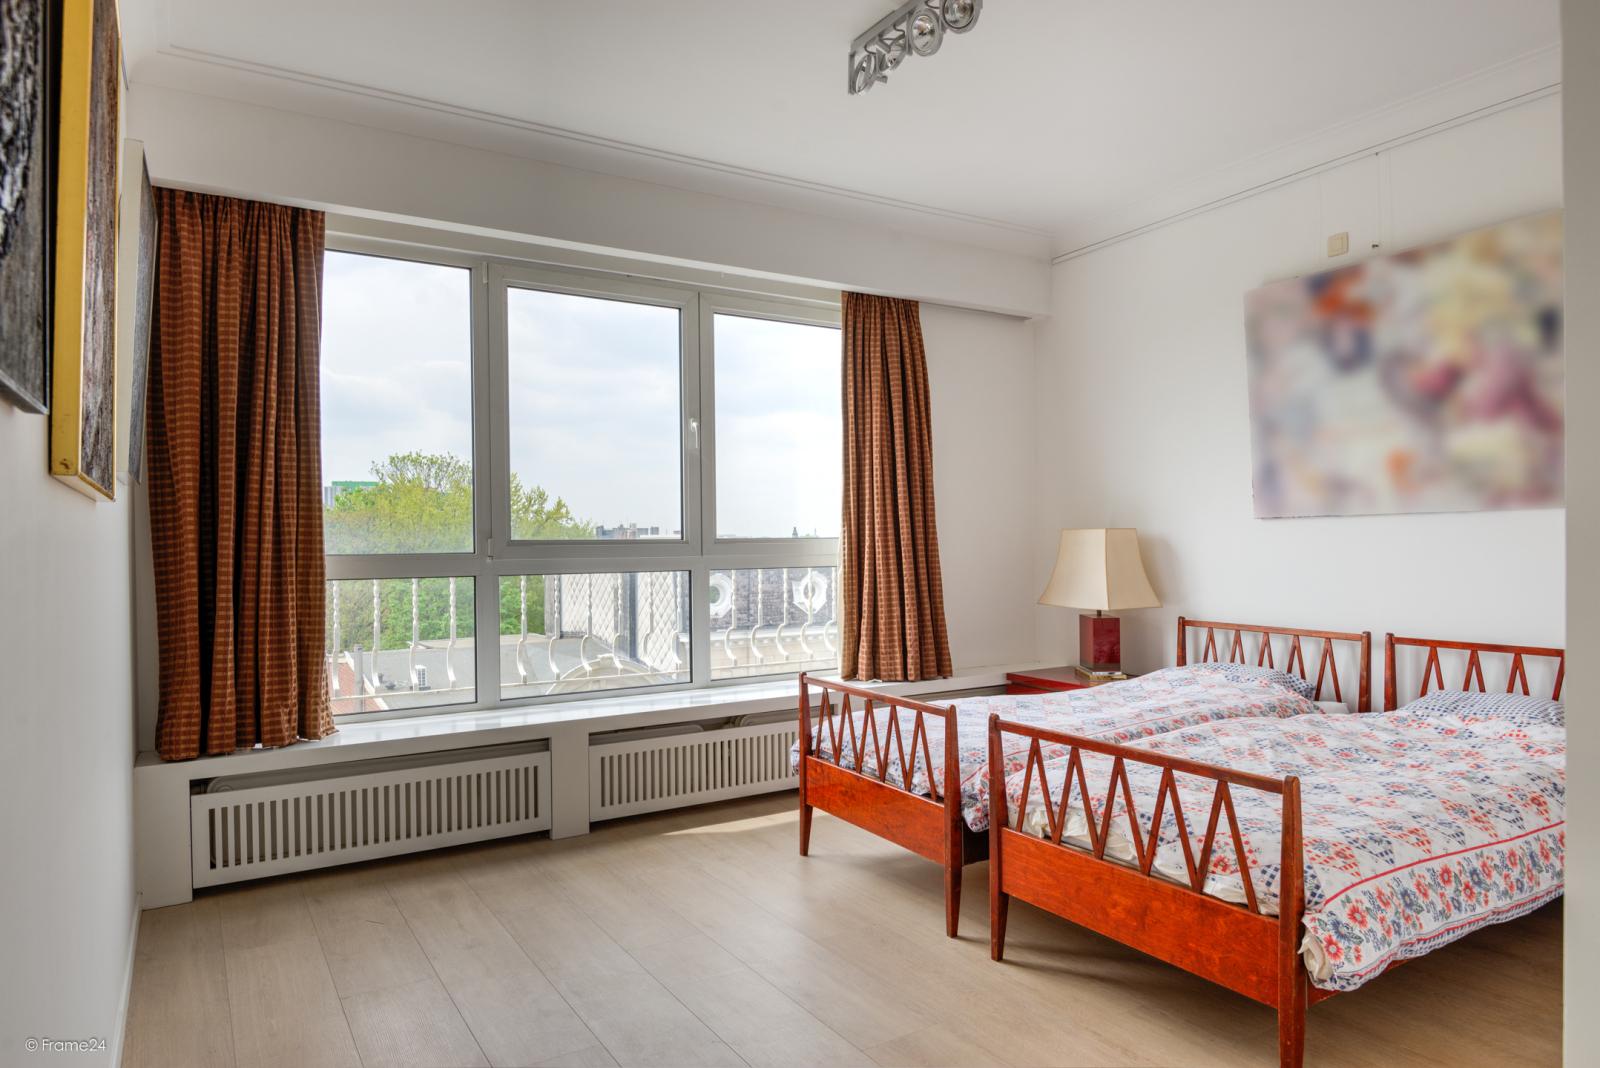 Uitzonderlijk appartement (+/- 250m²) met panoramische uitzichten te Antwerpen! afbeelding 19